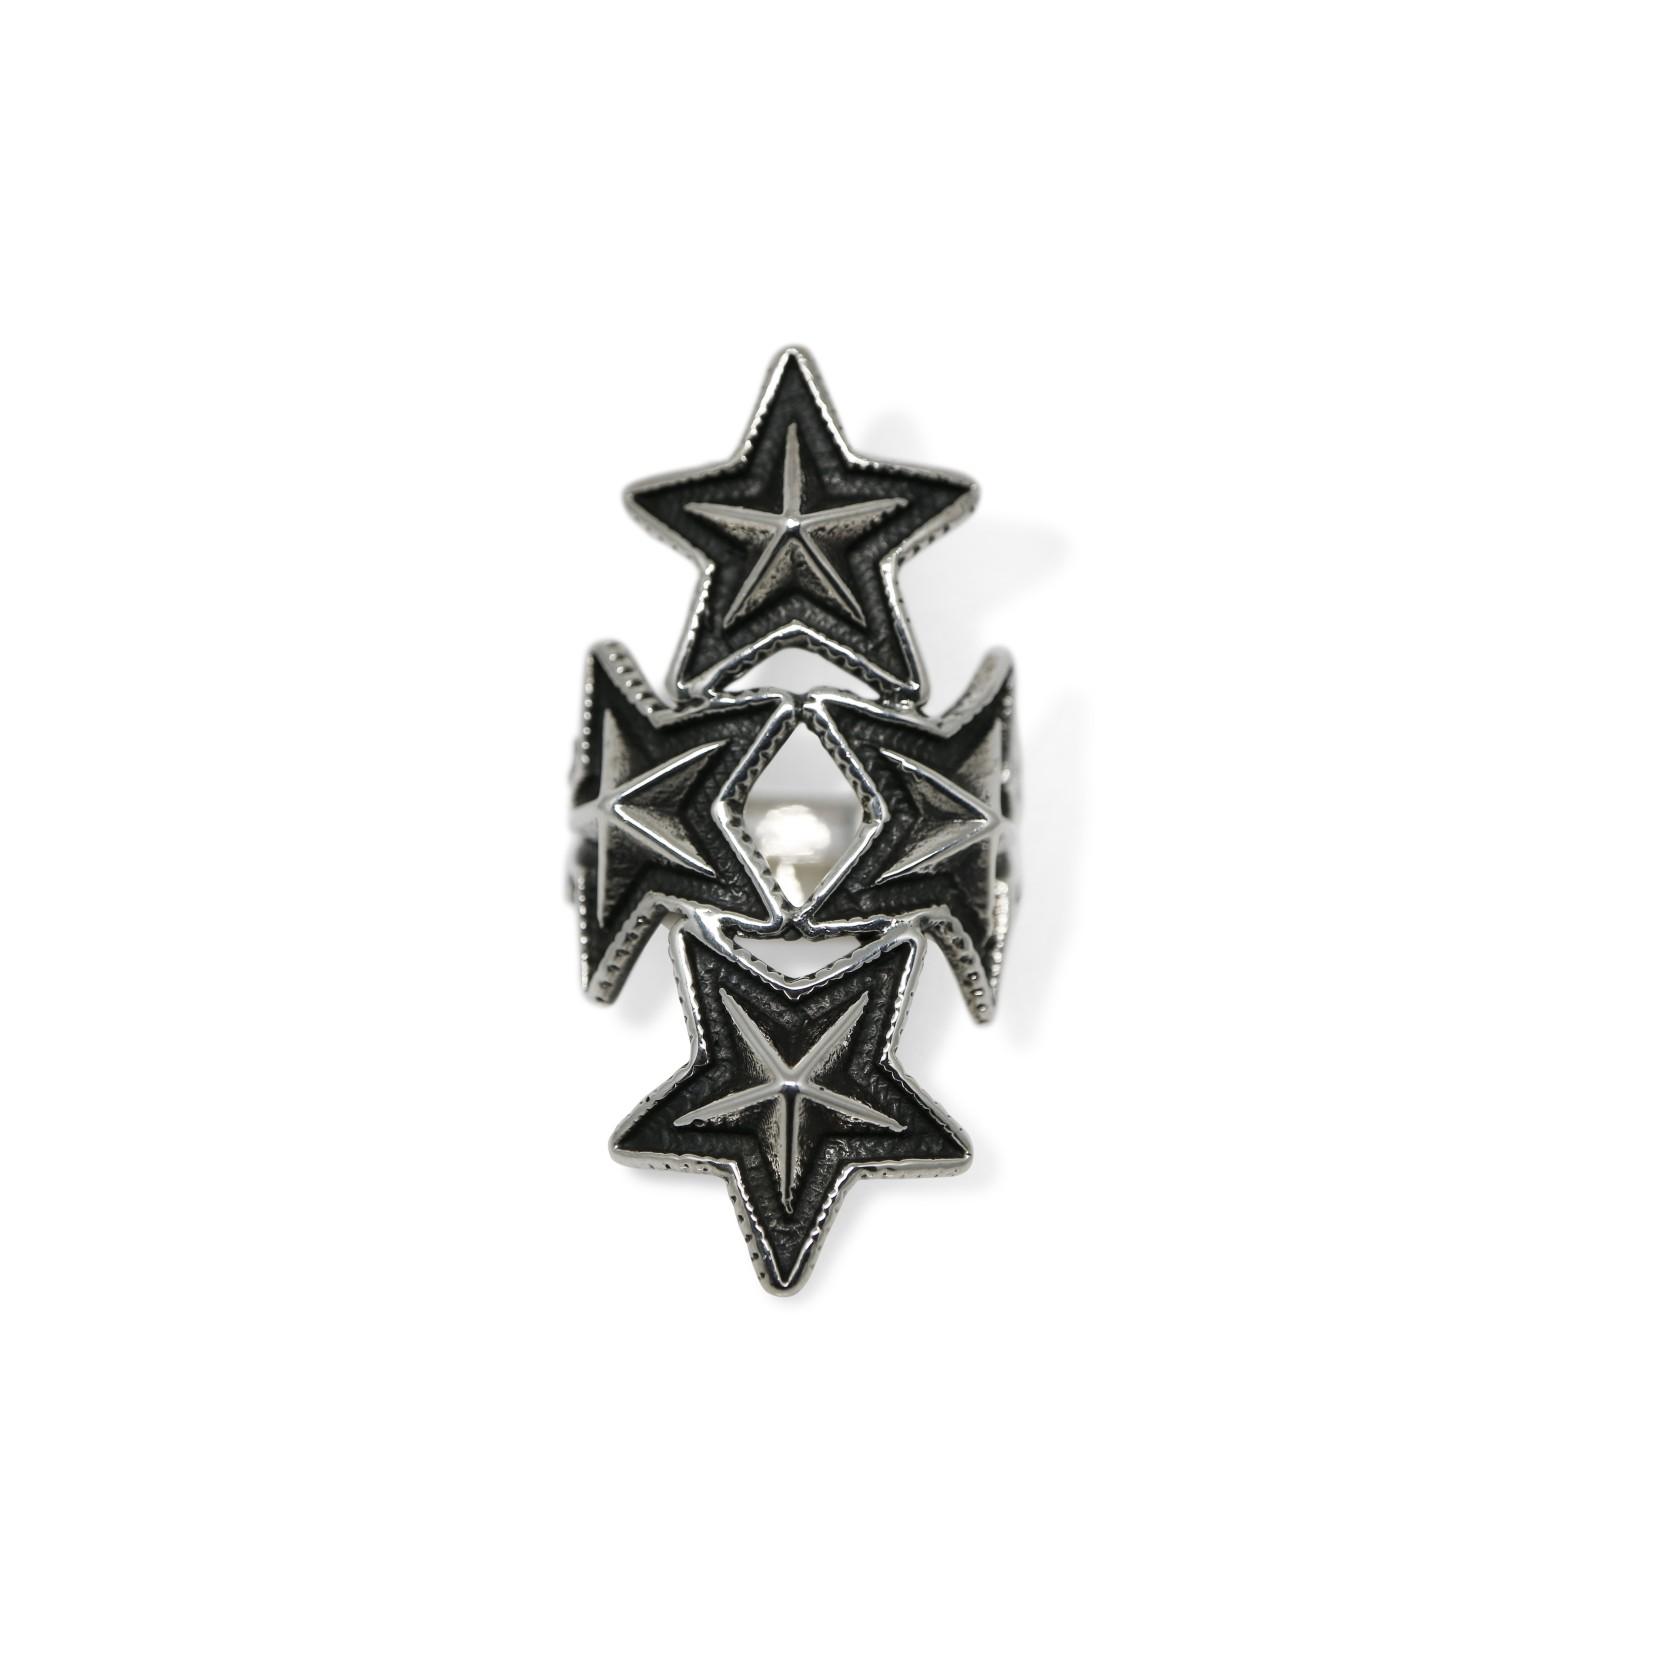 4 STAR RING [USD $950]